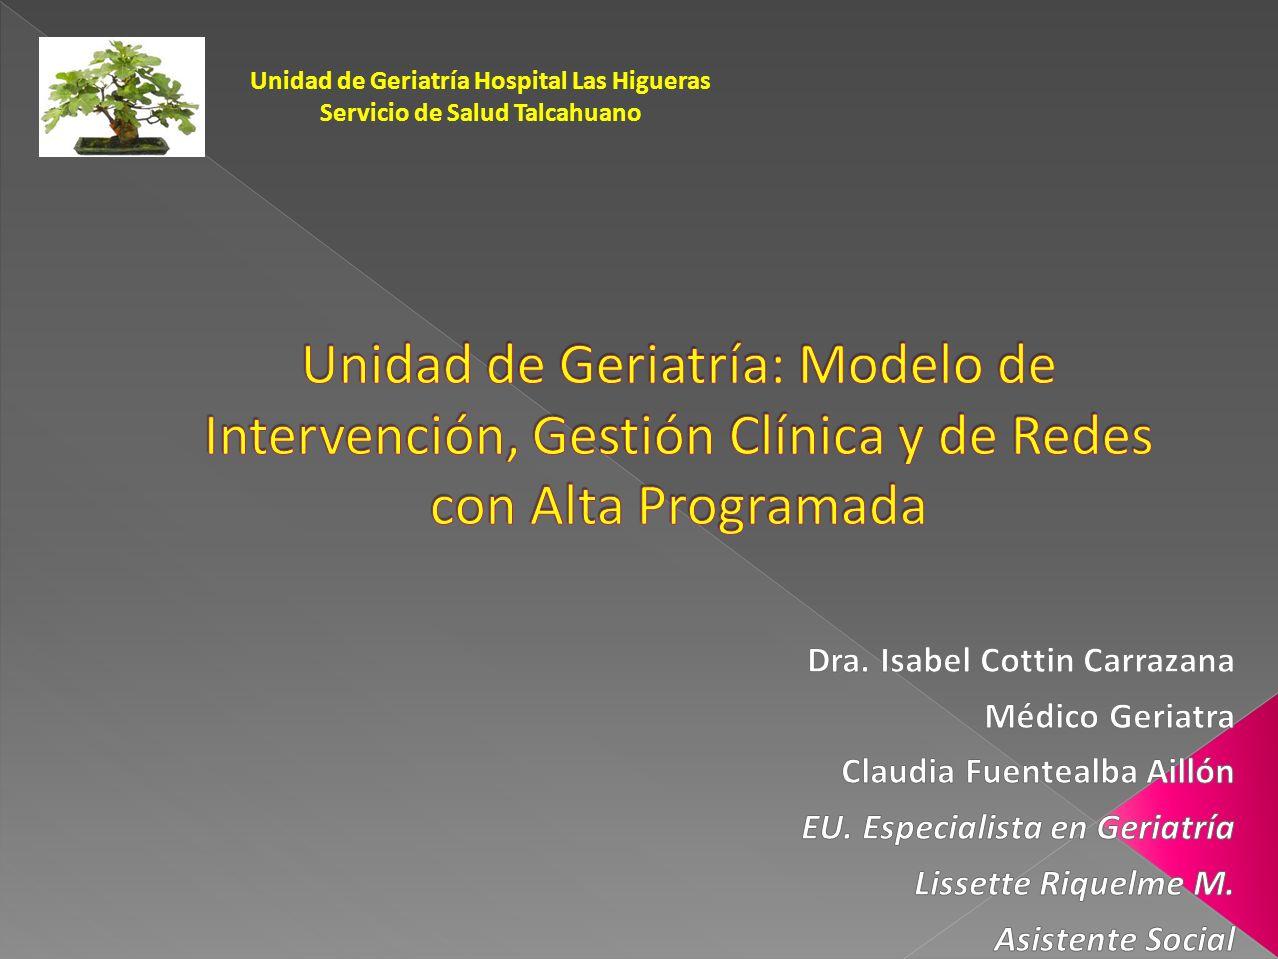 Unidad de Geriatría Hospital Las Higueras Servicio de Salud Talcahuano